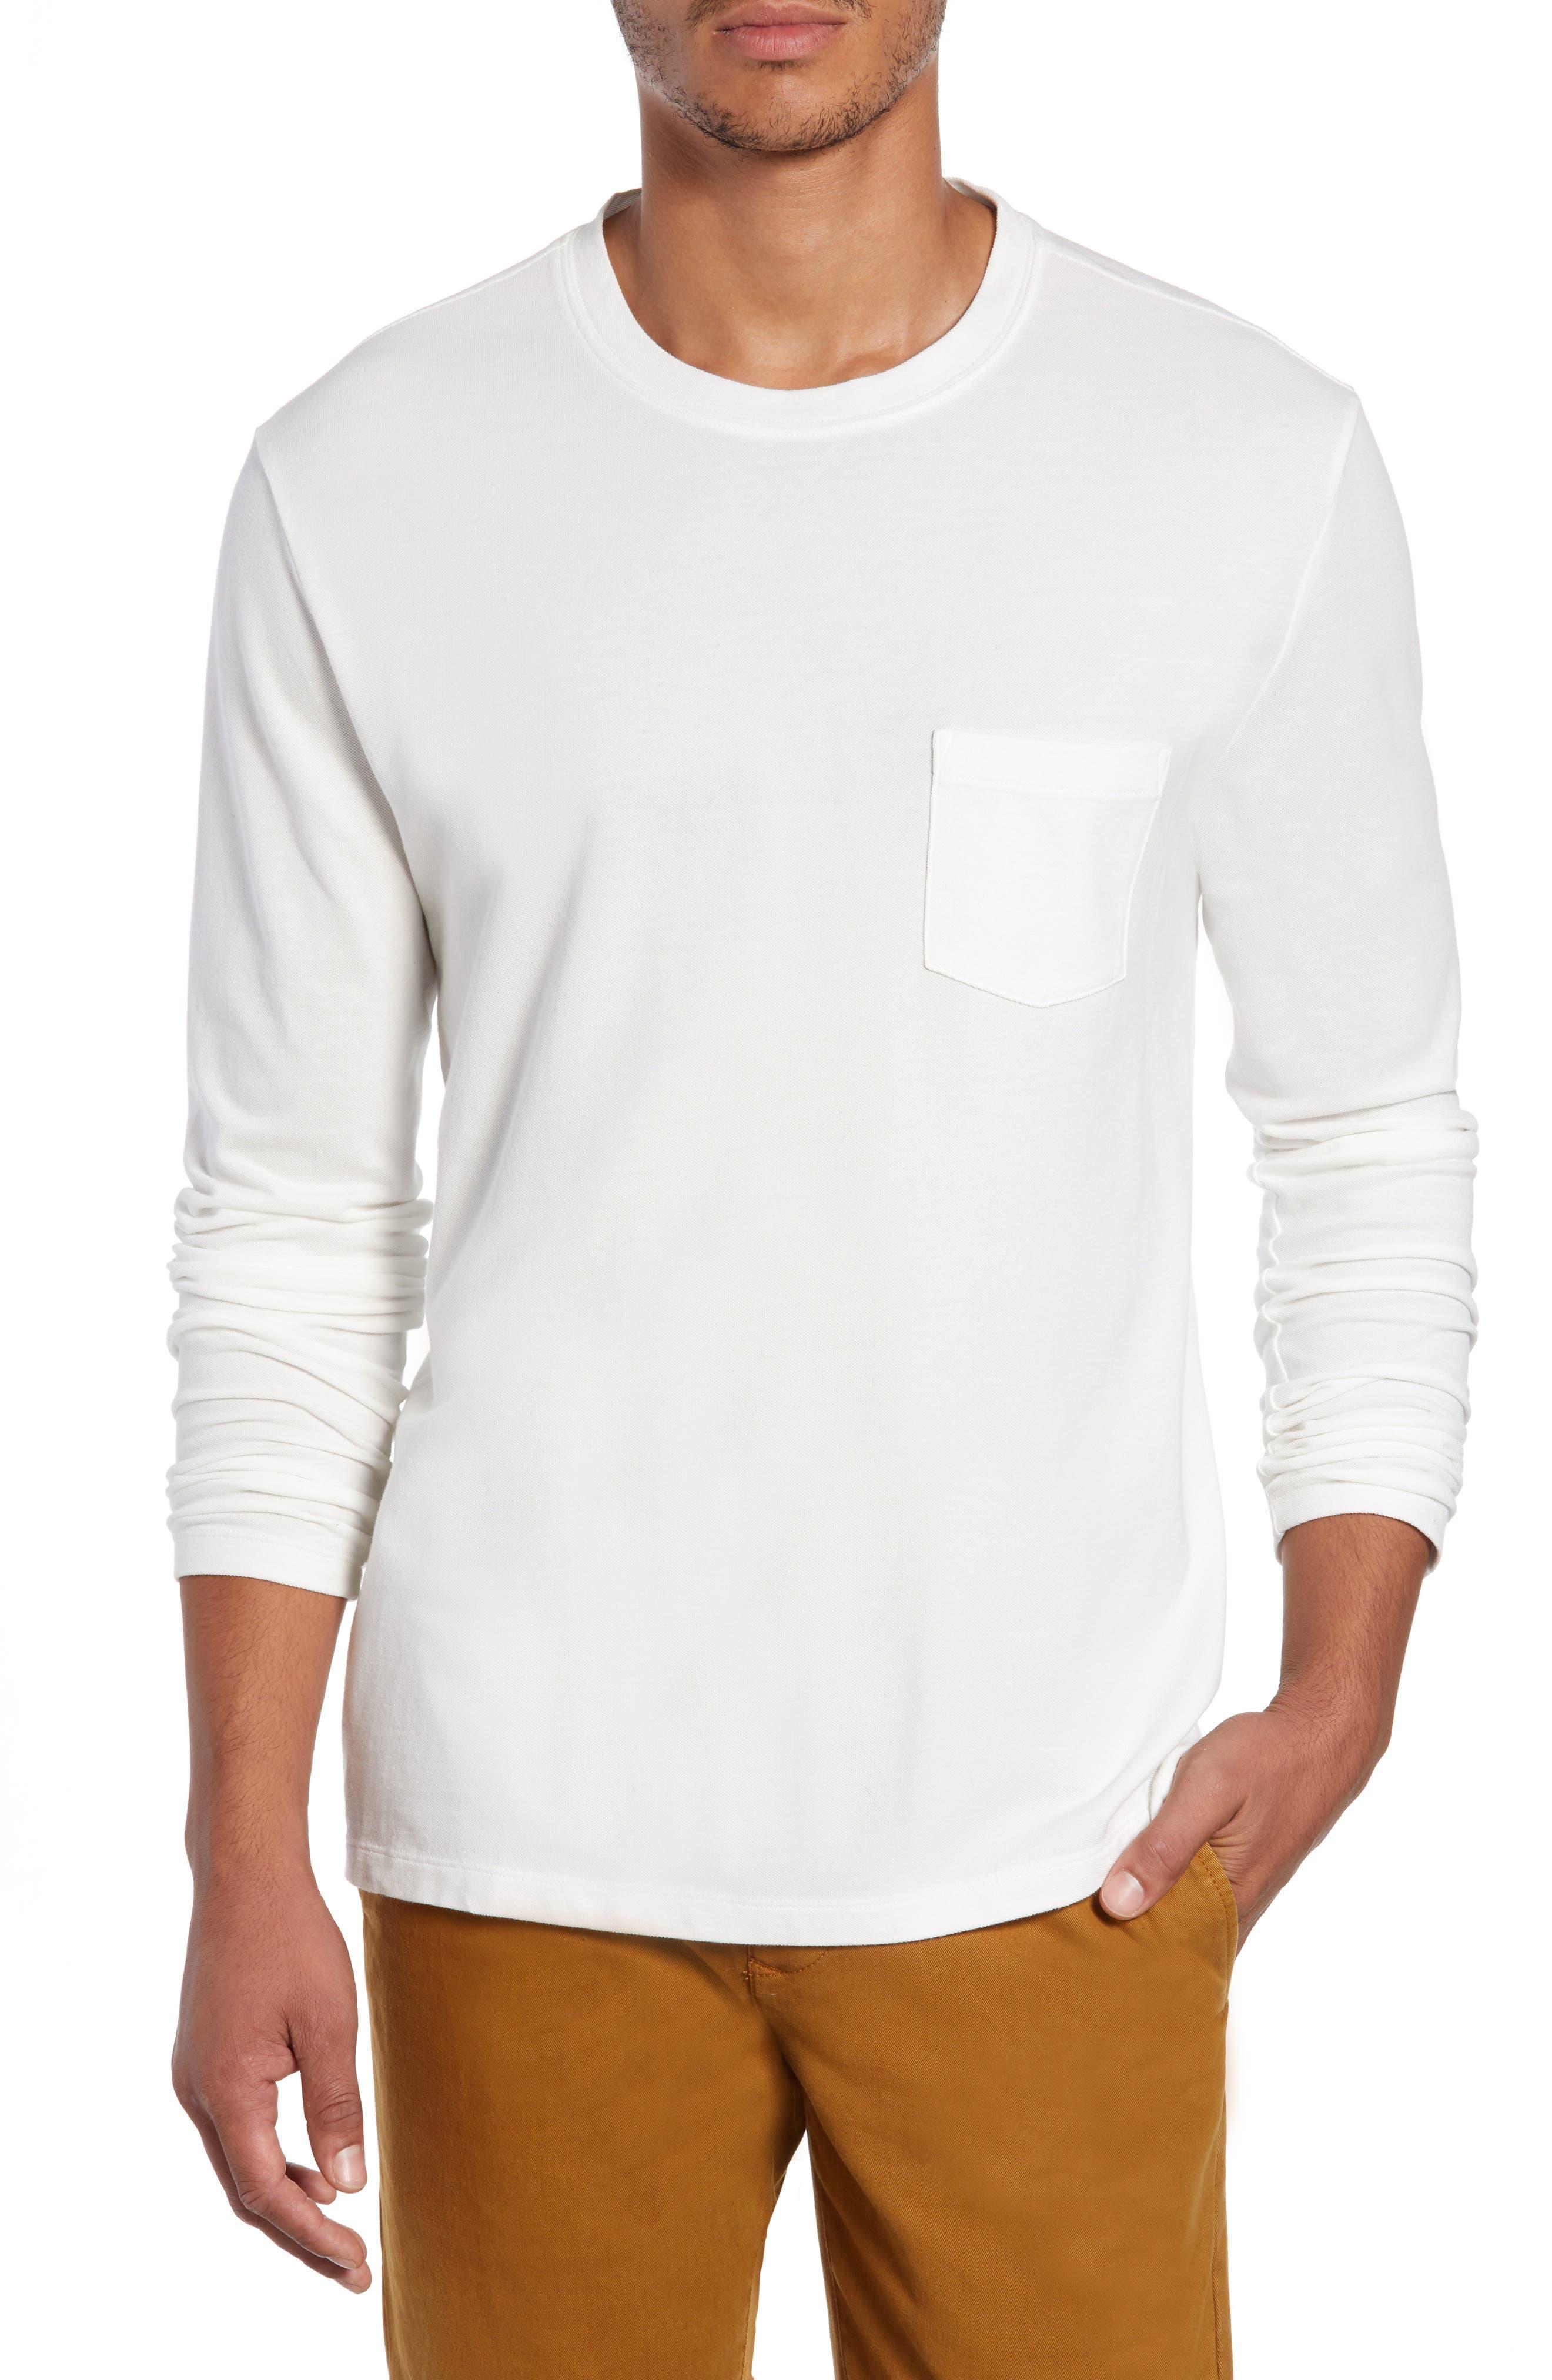 Piqua Pocket T-Shirt,                             Main thumbnail 1, color,                             WHITE